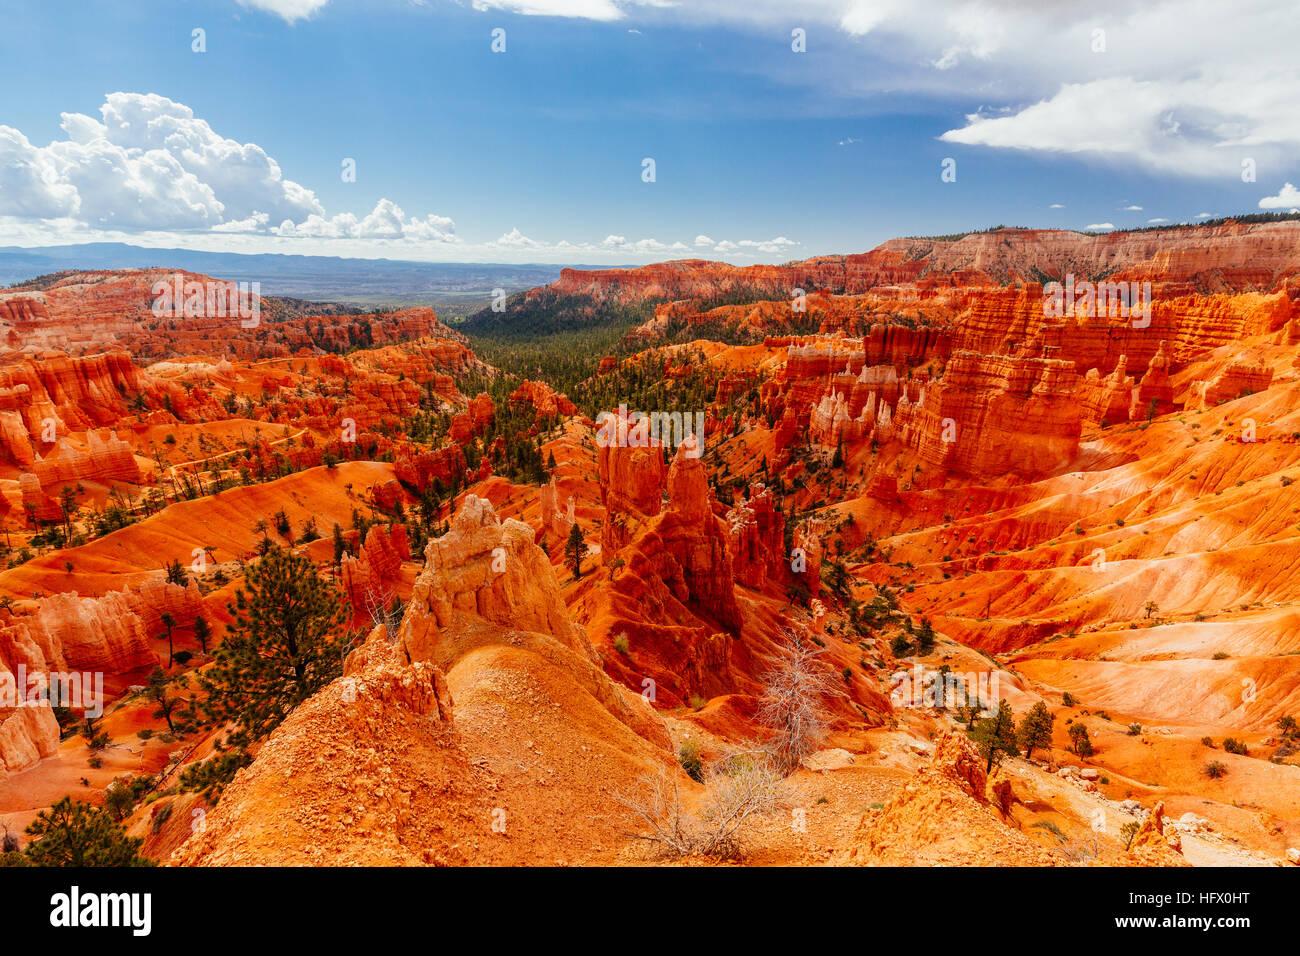 Bryce Canyon est une collection d'amphithéâtres naturels de côté du plateau Paunsaugunt. Photo Stock